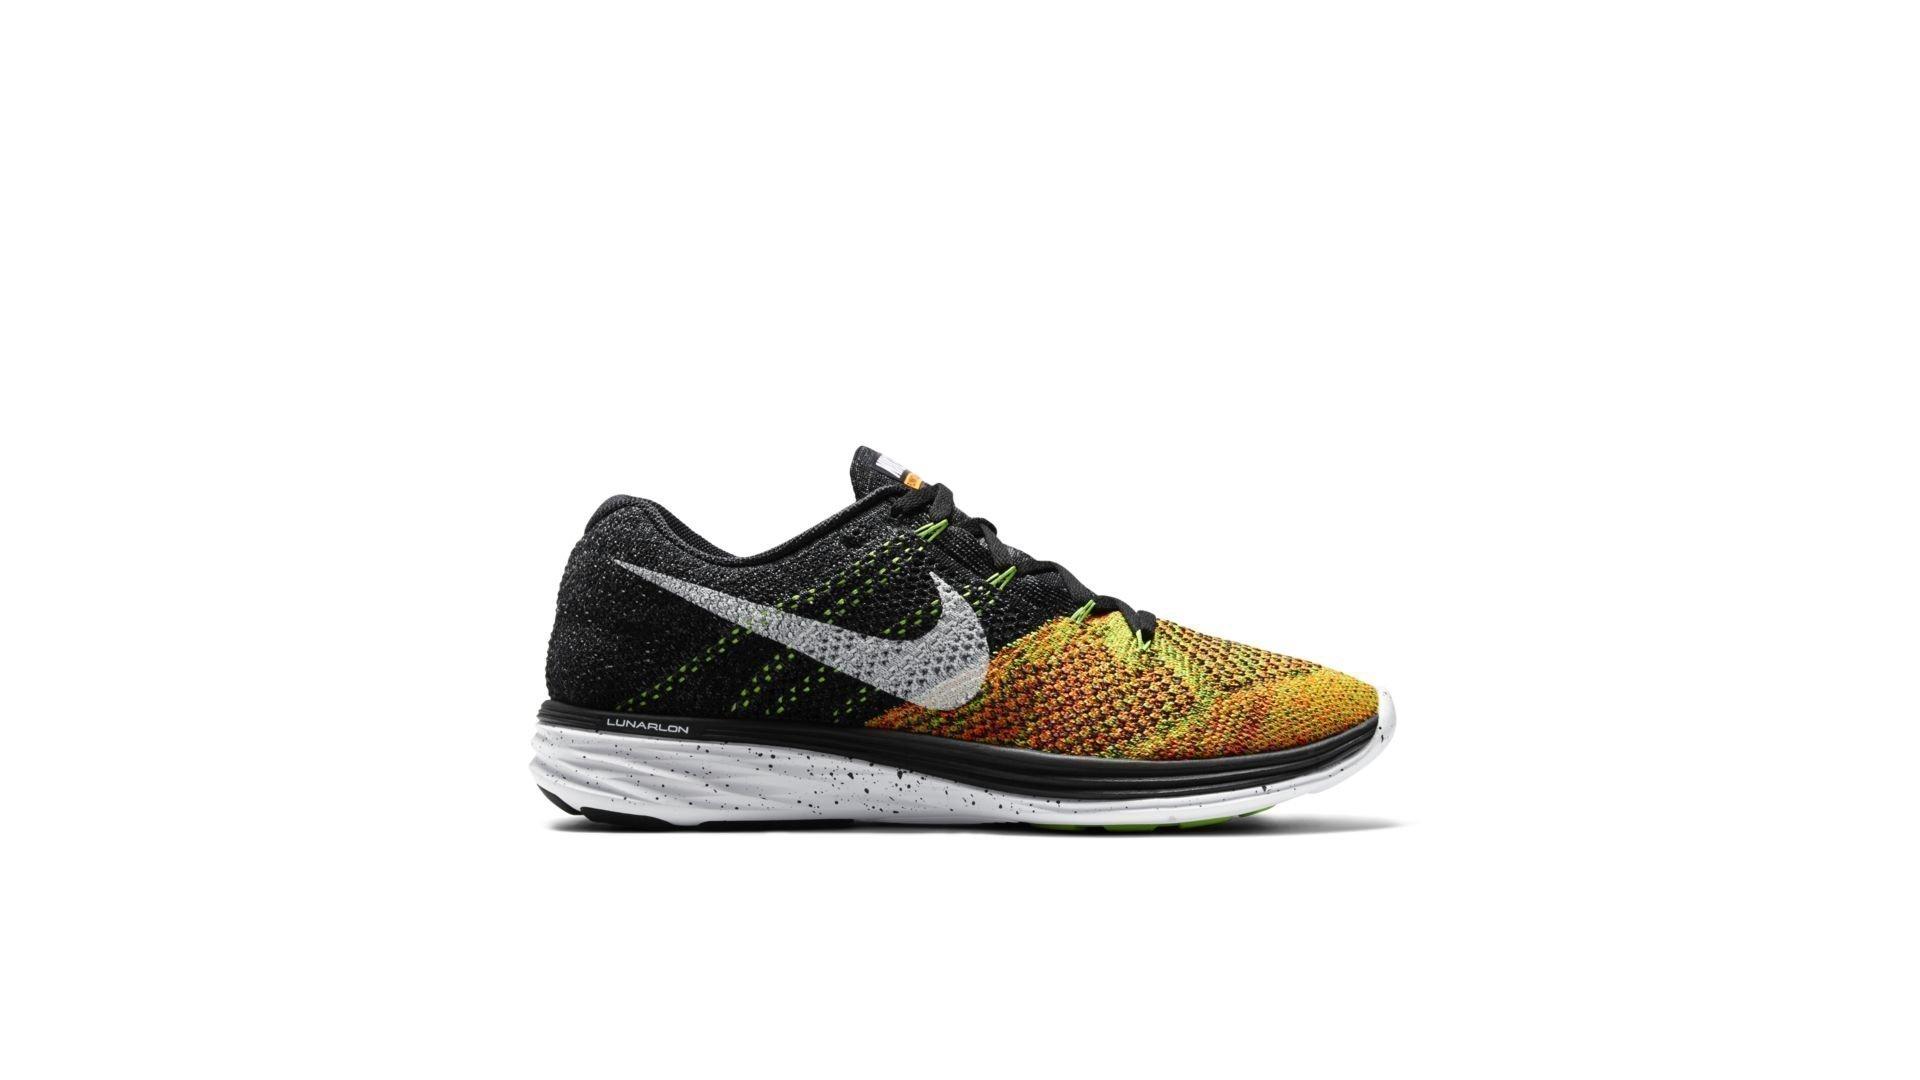 Nike Flyknit Lunar 3 Limited Edition (698181-003)